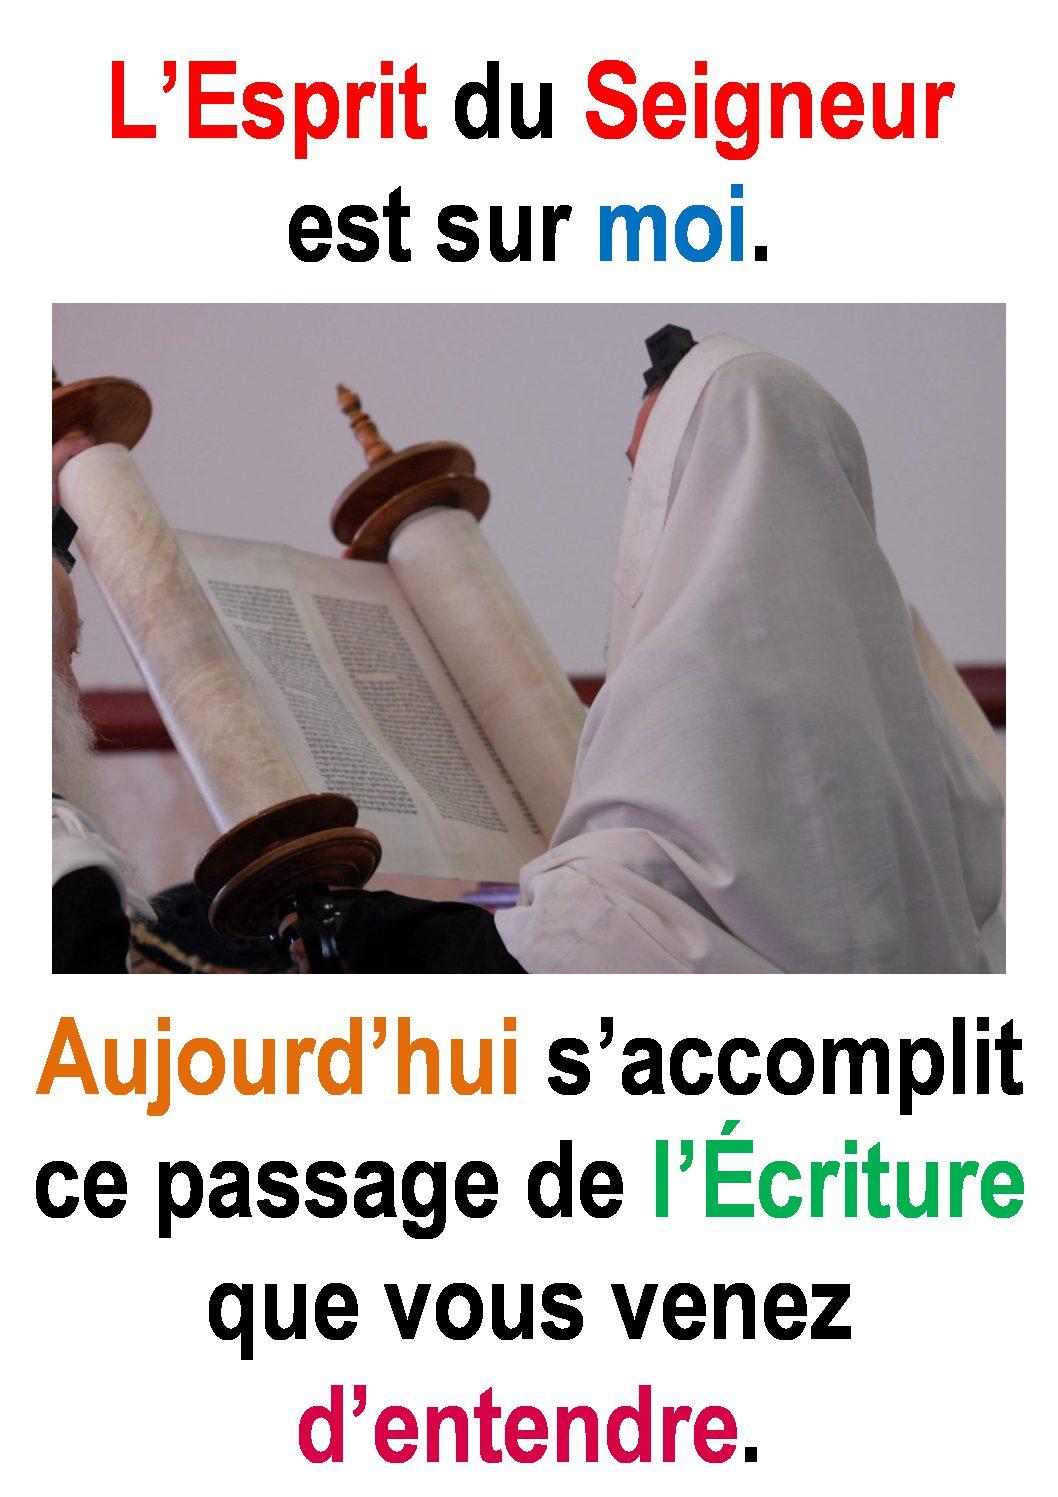 """3ième Dimanche du Temps Ordinaire  (Luc 1,1-4; 4,14-21) : """"L'Esprit du Seigneur est sur moi…""""  (Francis Cousin)"""